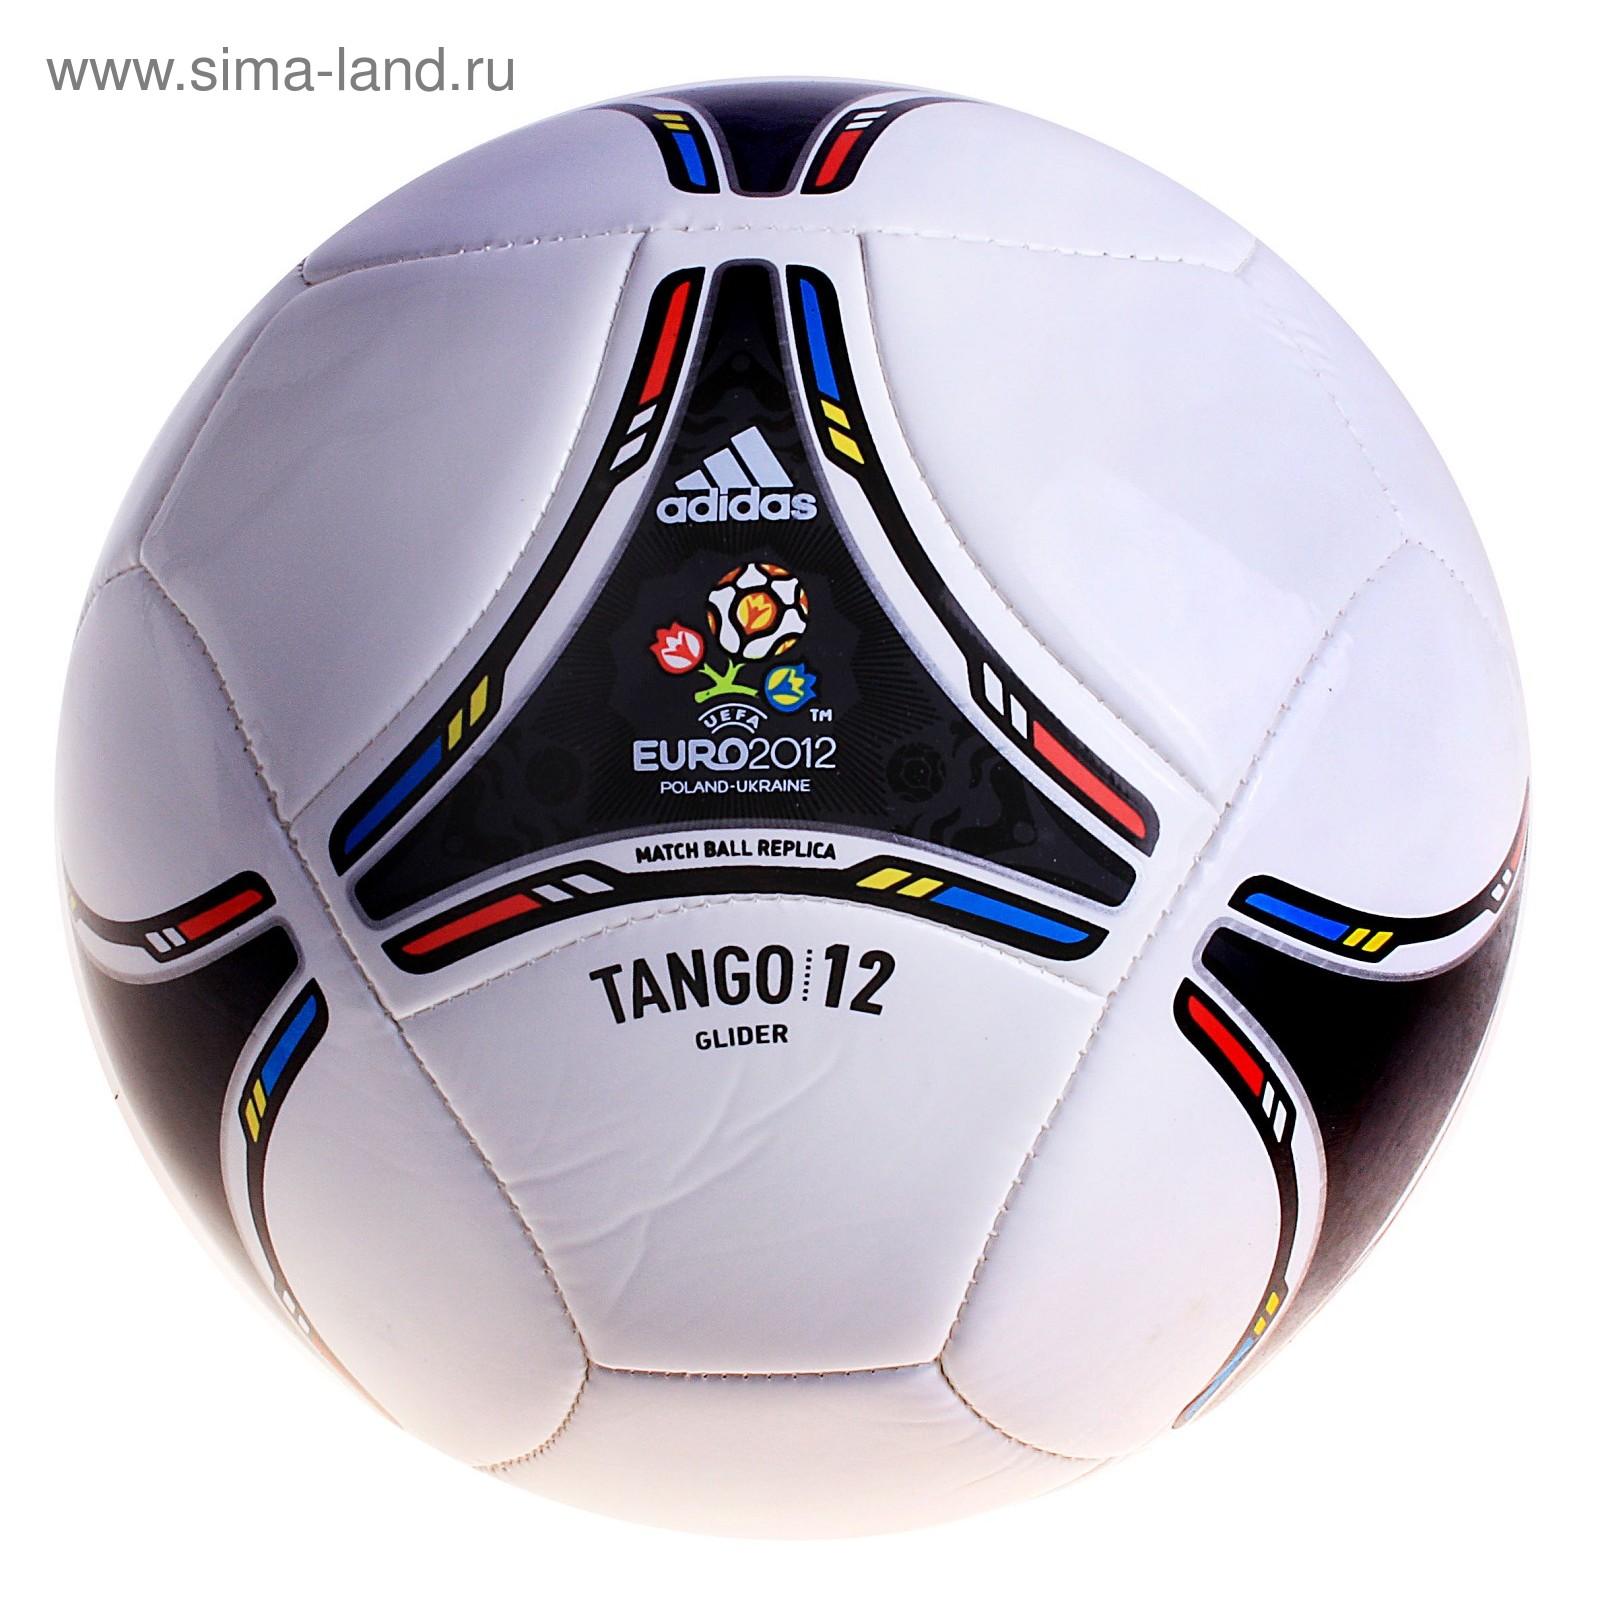 Мяч футбольный Adidas EURO 2012 Glider 18b220fc69da5